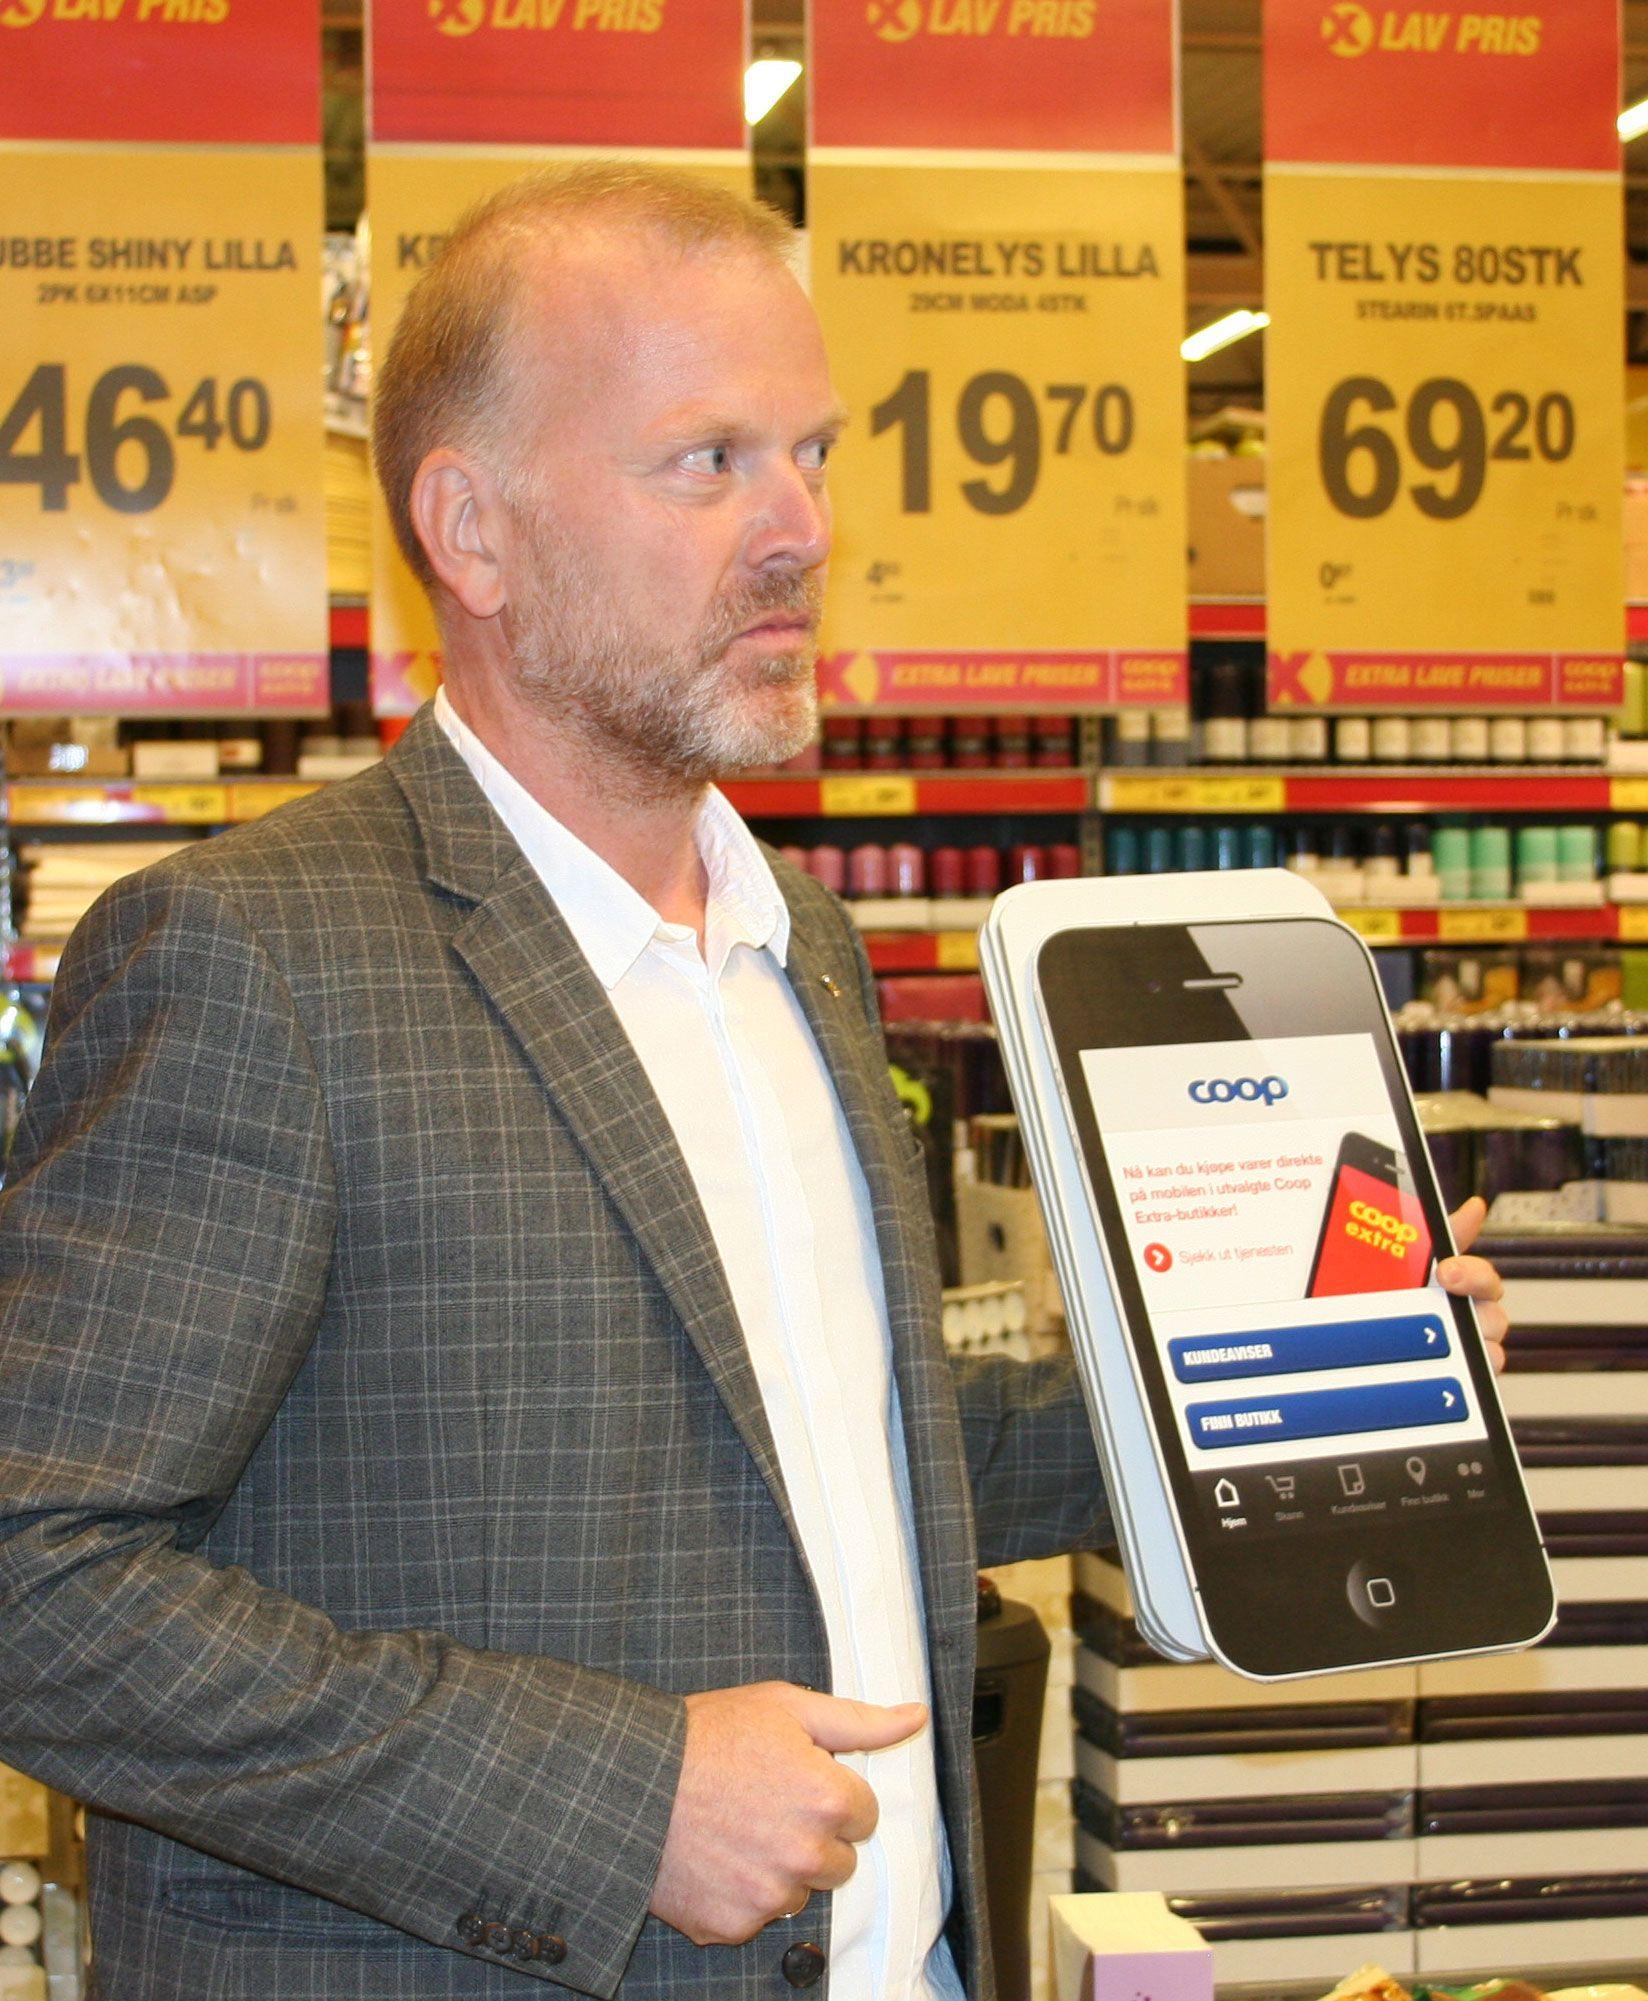 John Moltubakk i Coop demonstrerte hvordan en selvbetjent matbutikk fungerer nå til dags.